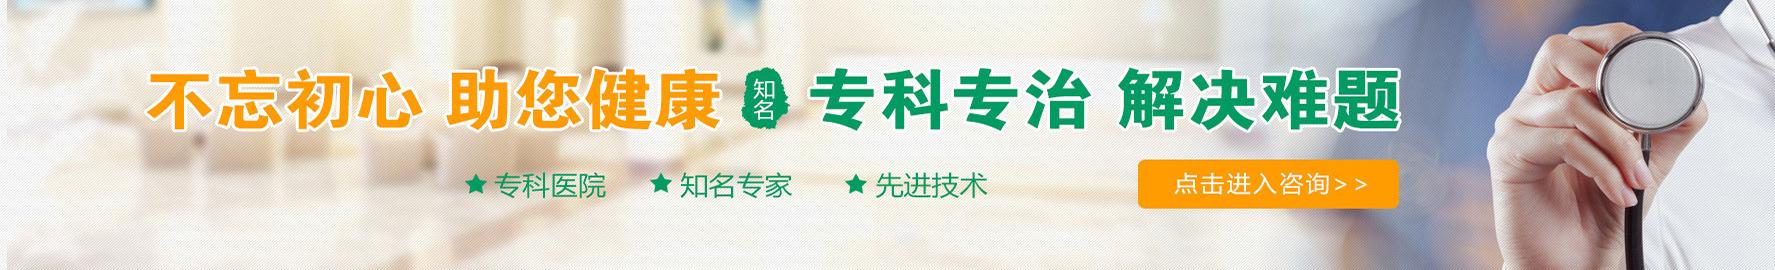 济南精神科医院